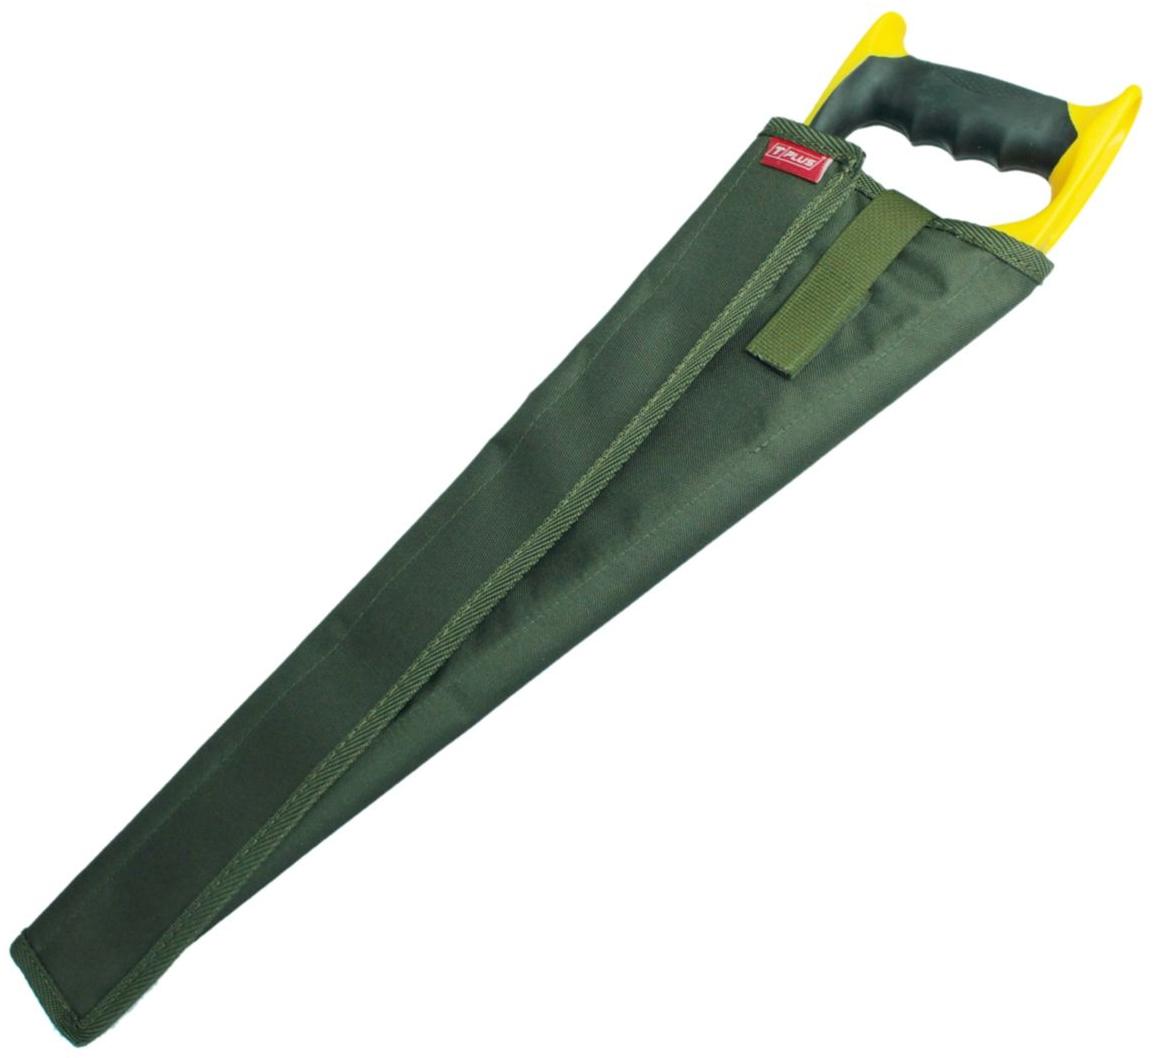 Чехол для ножовки Tplus, кордура 900, цвет: темно-зеленый, 50 см